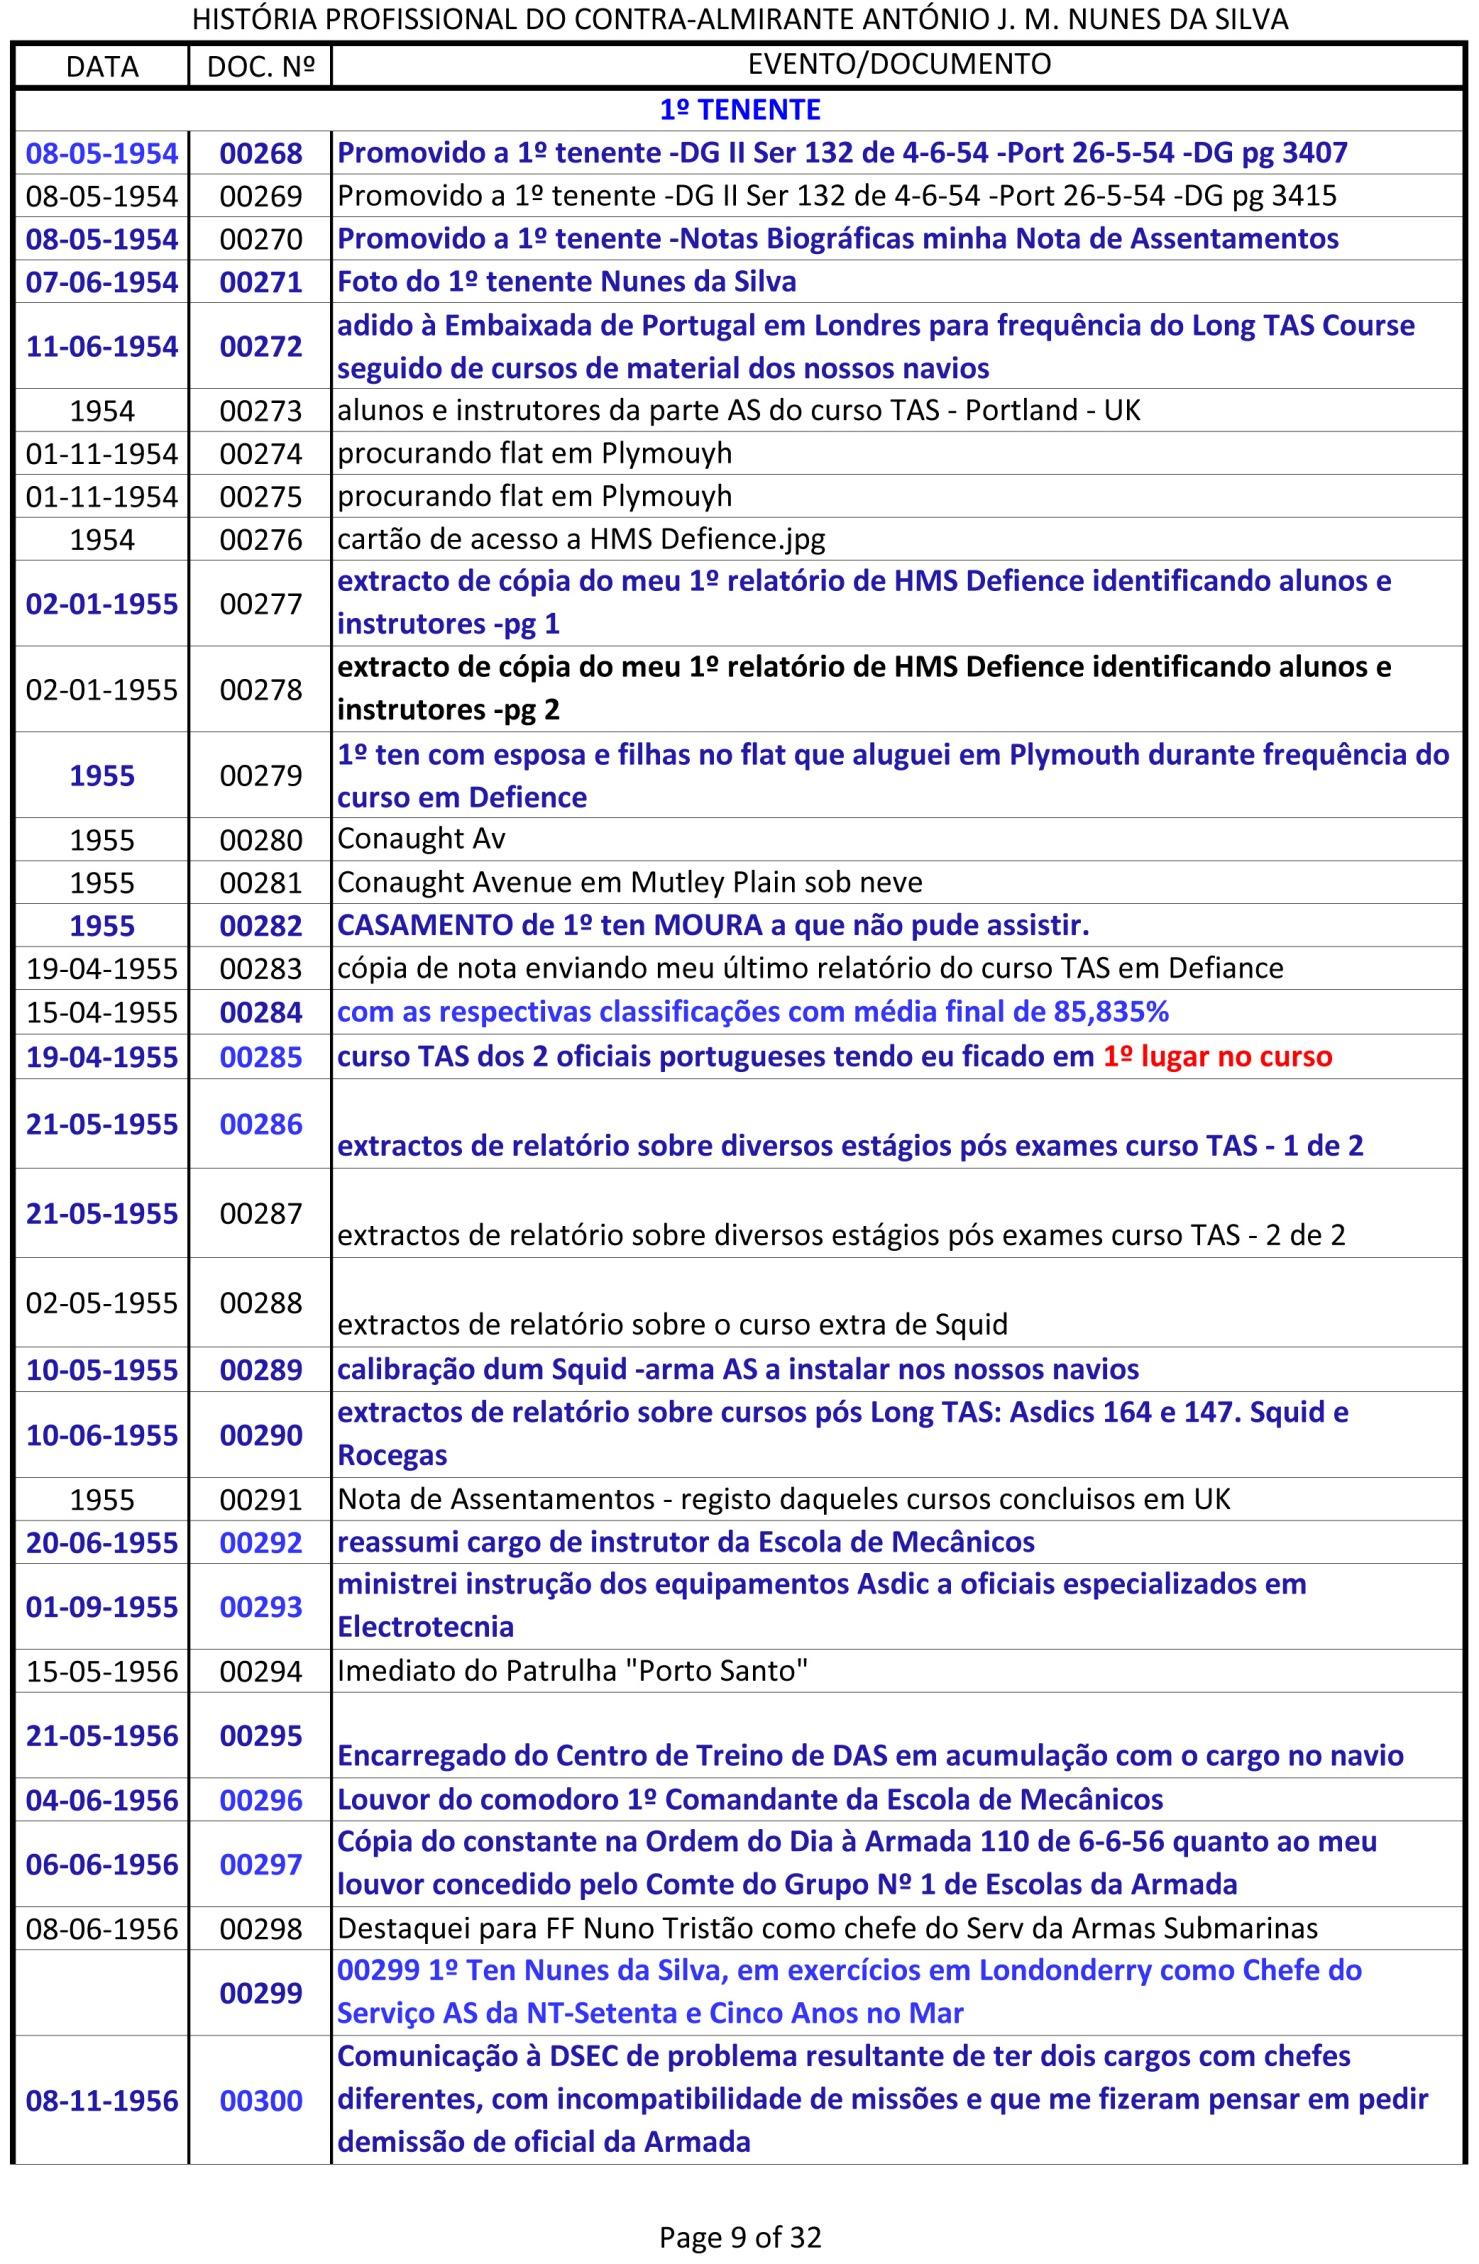 Índice dos documentos da História Profissional do CAlm Nunes da Silva -1943 a 1991-9